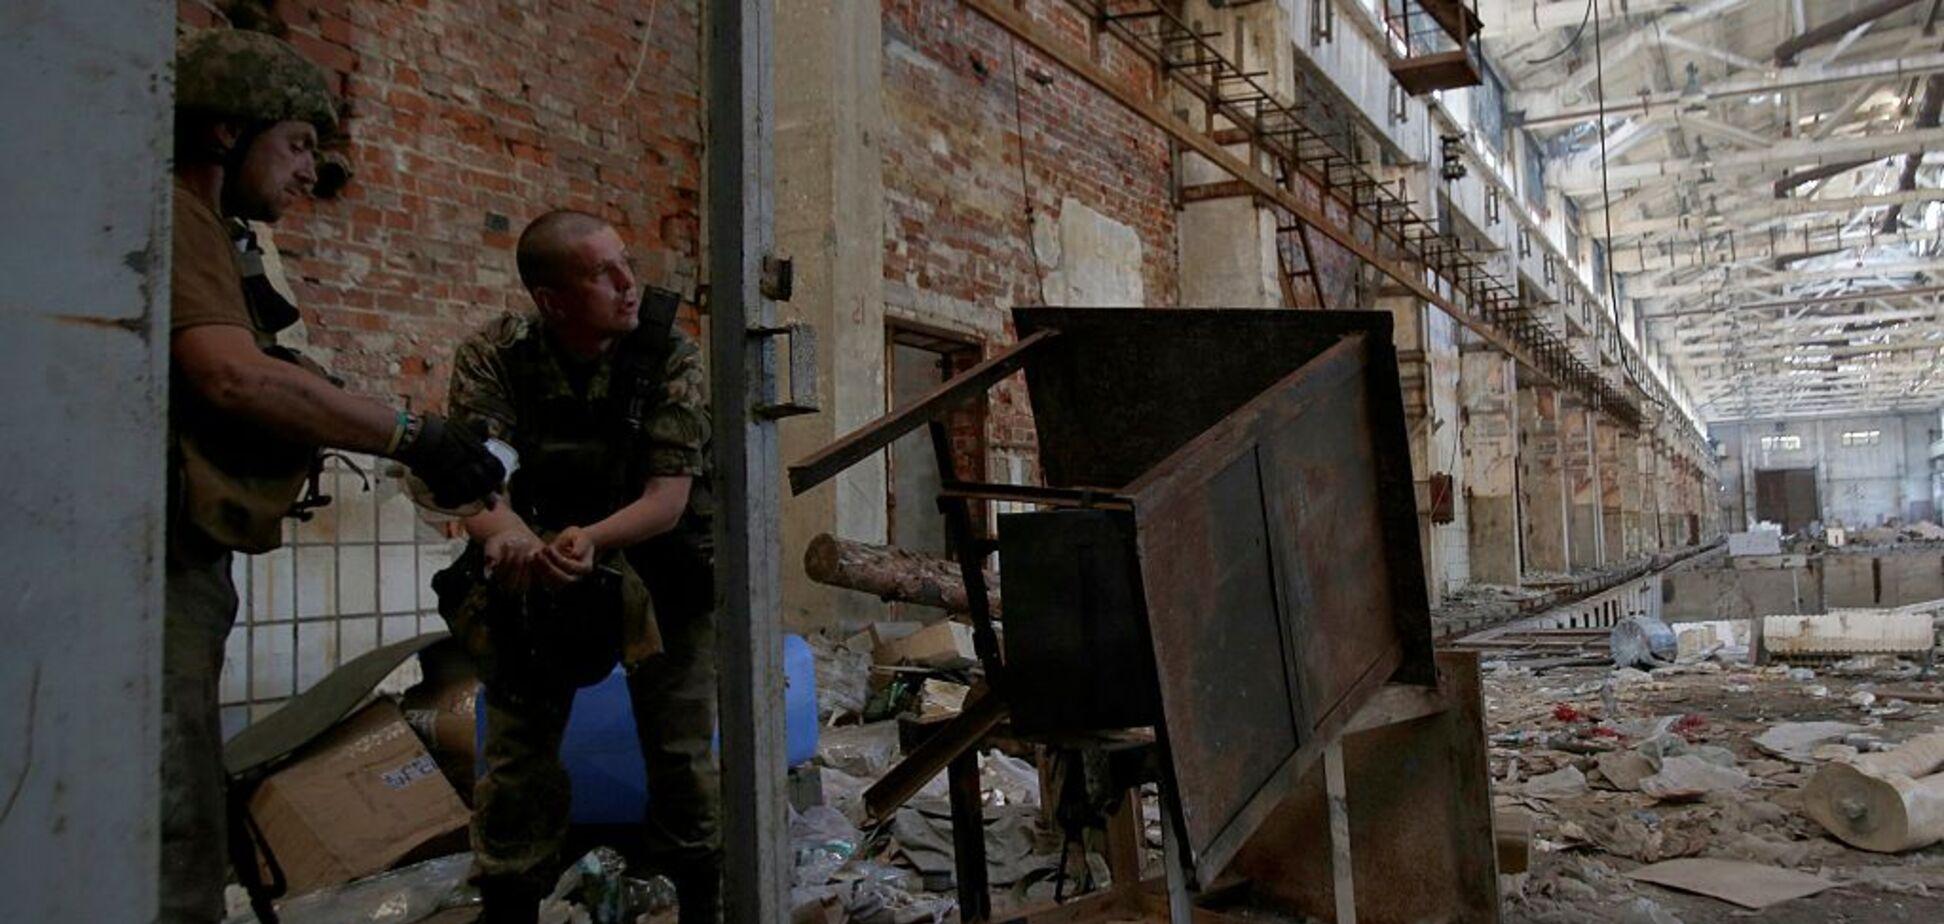 'Ситуація загострилася': сили АТО зазнали втрат на Донбасі